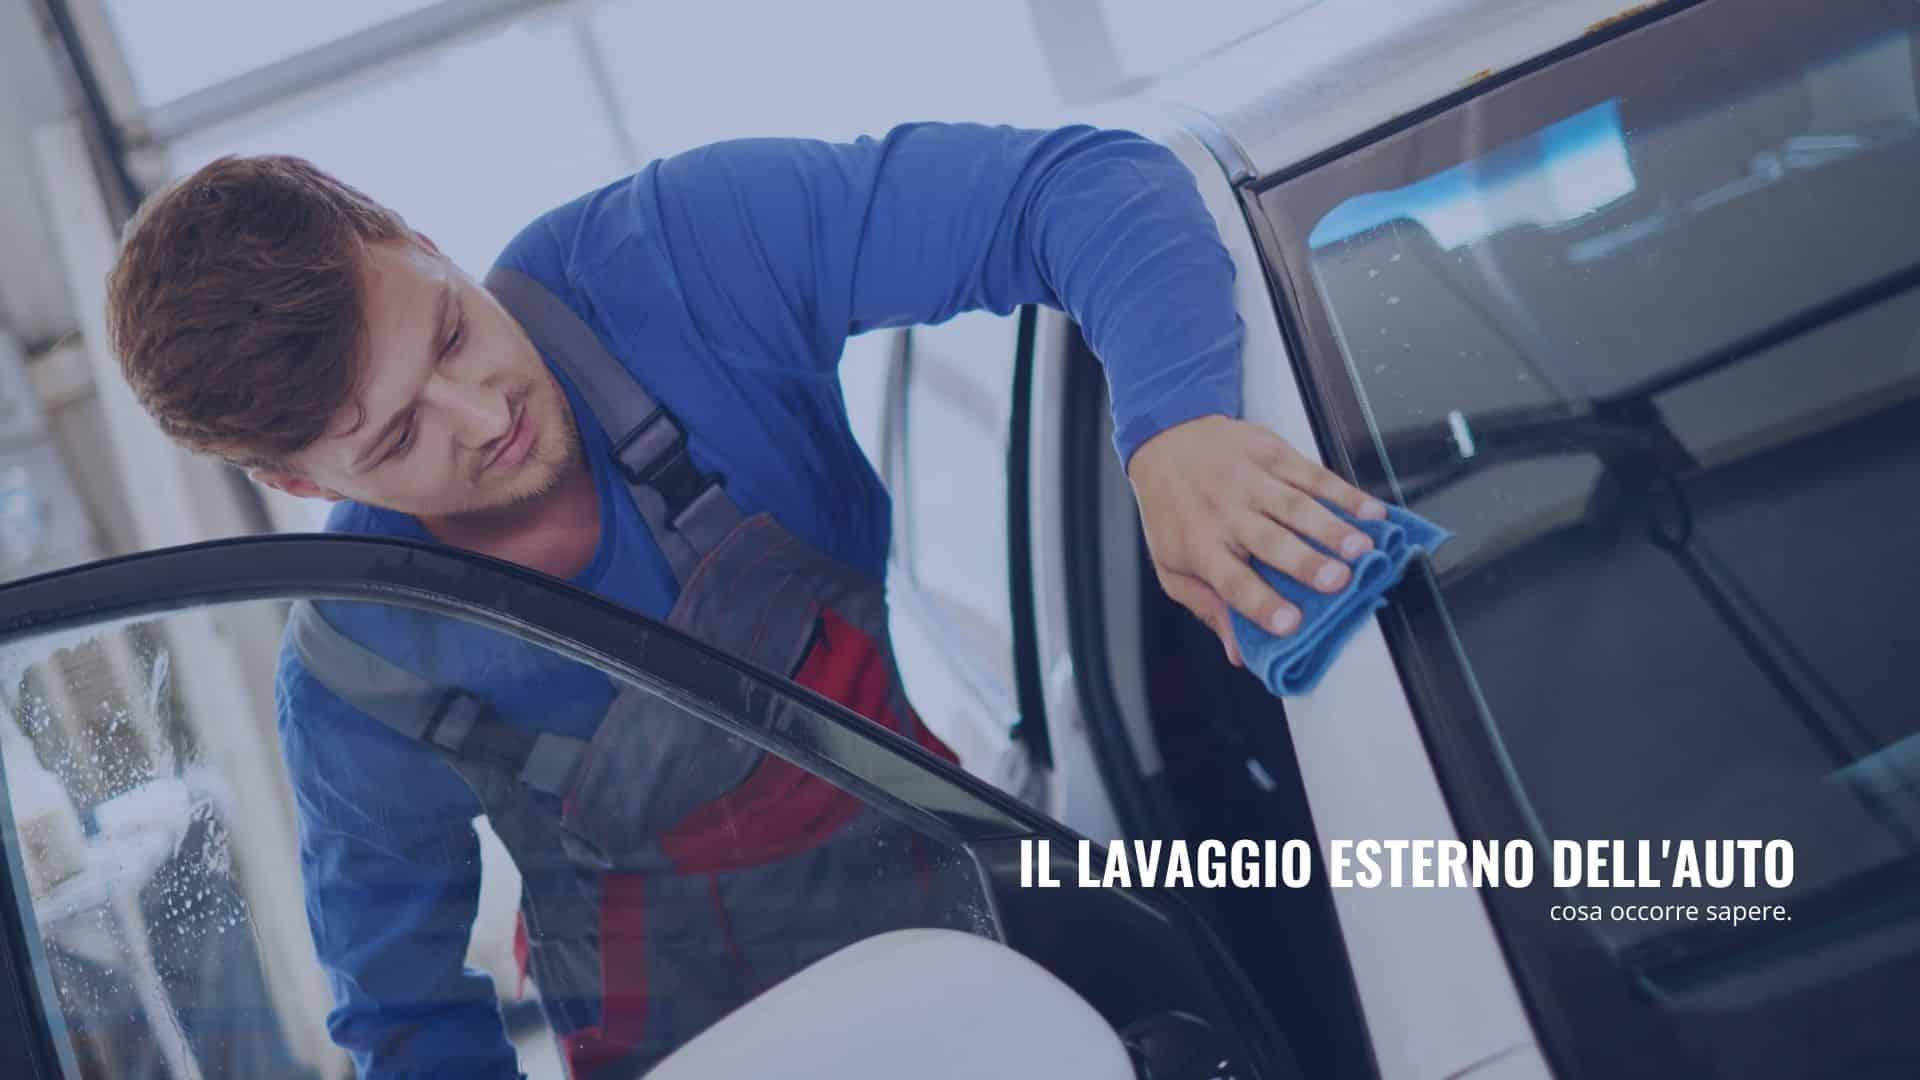 il lavaggio esterno dell'auto